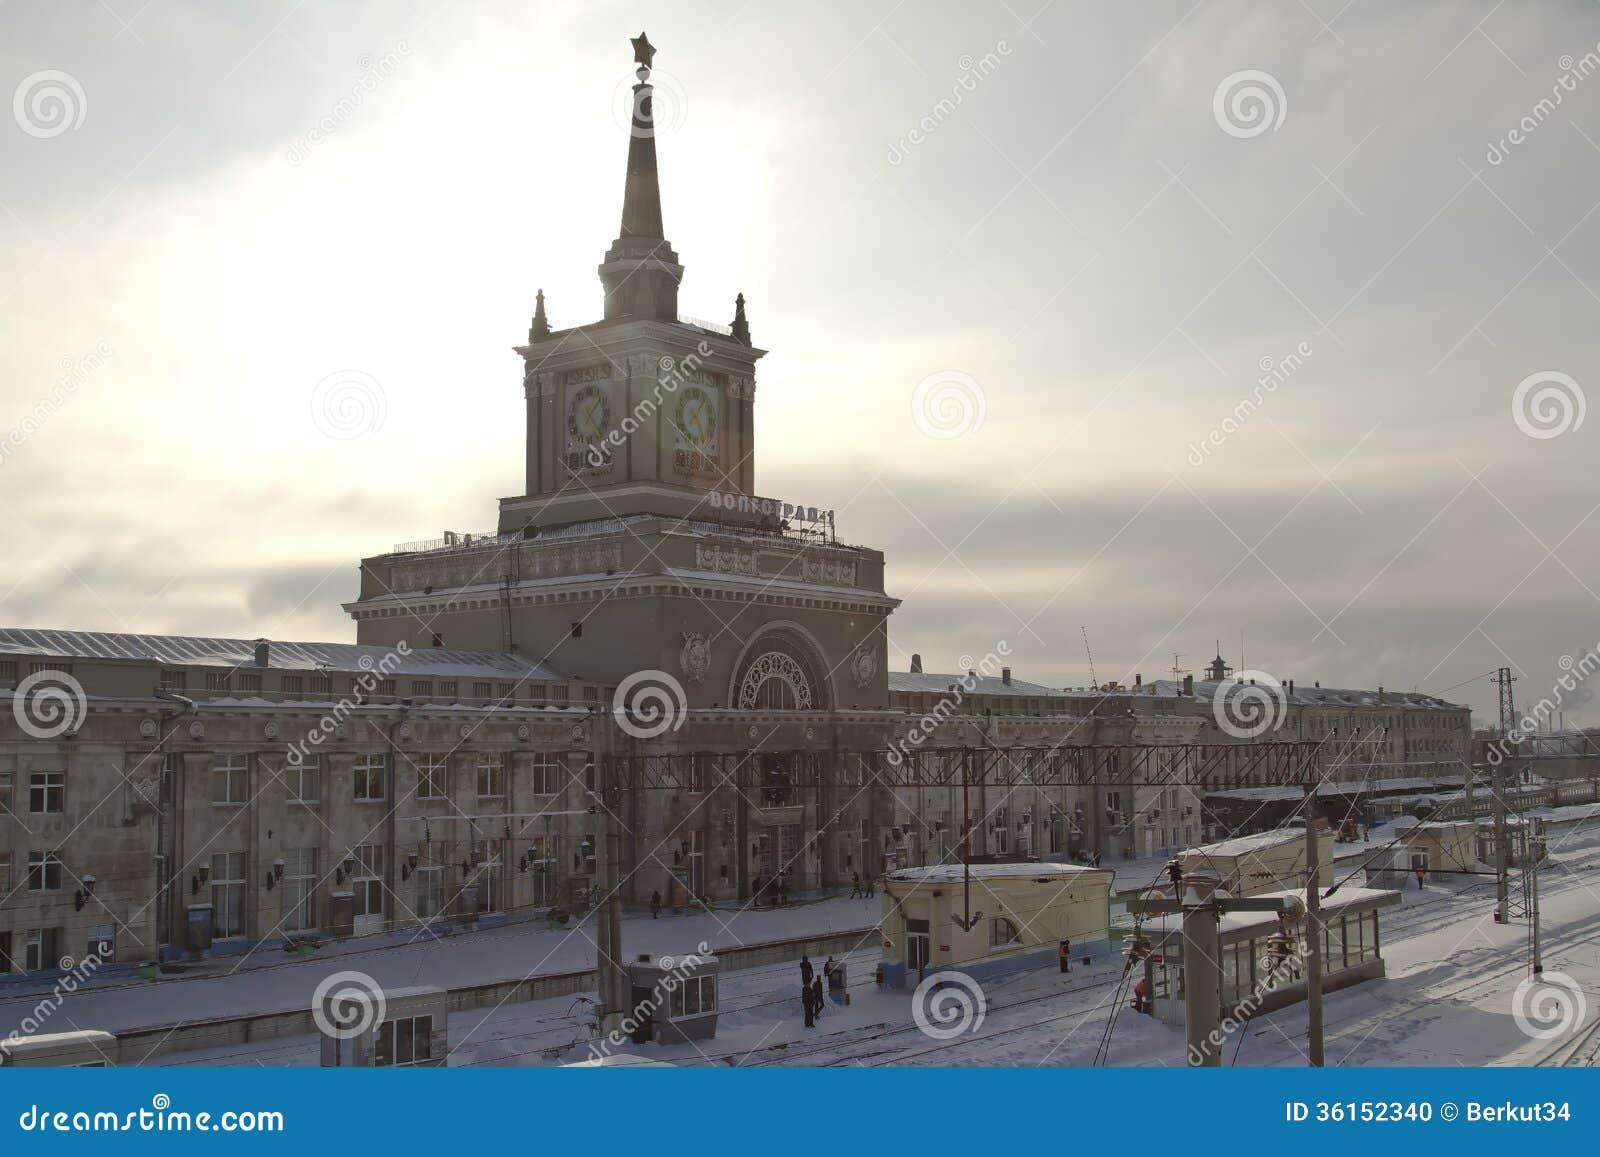 De bouw van Centraal station Volgograd-1 in de winter.